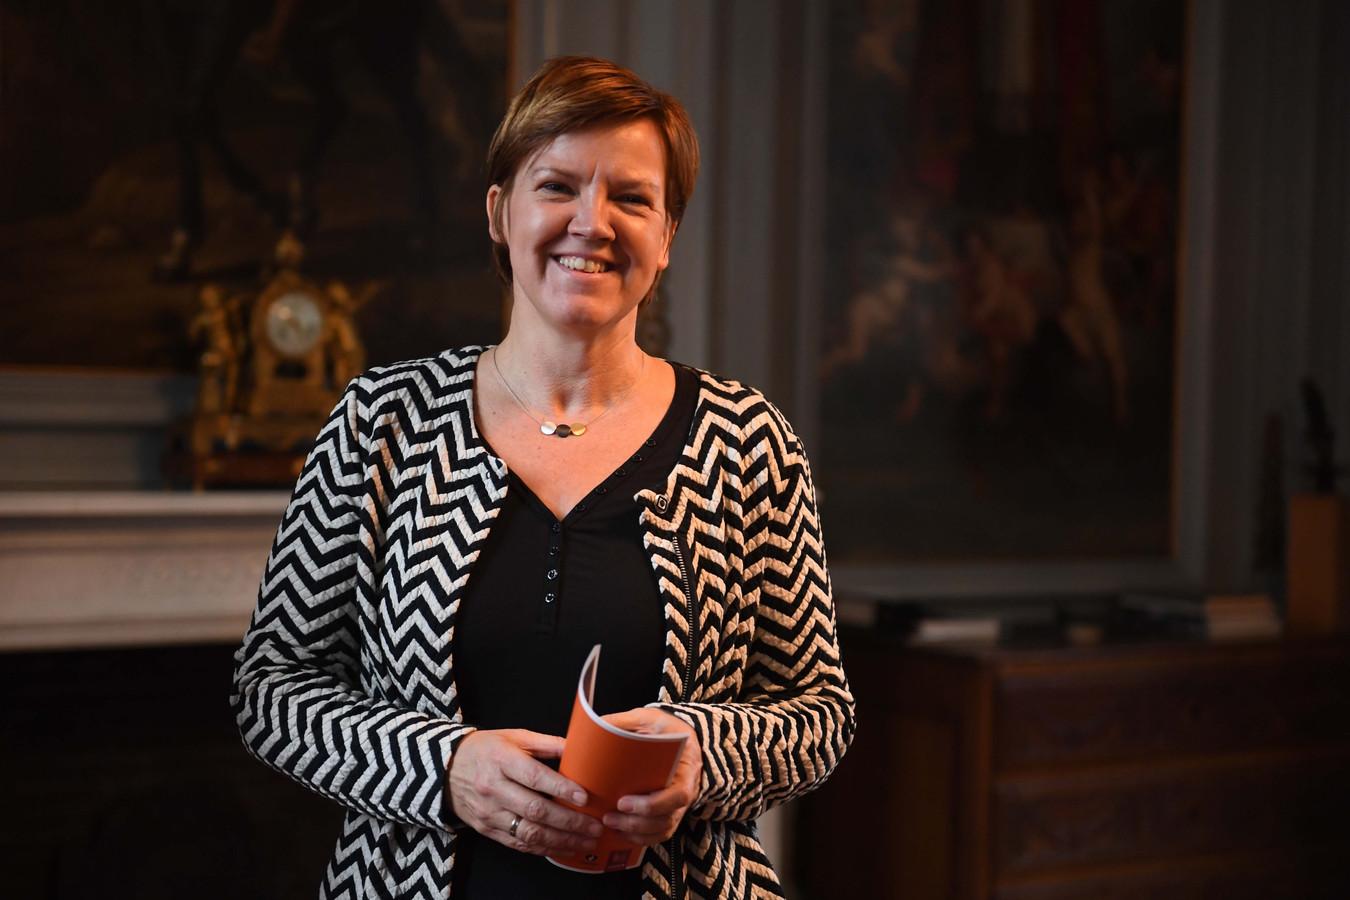 Els Van Hoof zetelt in de kamer voor CD&V maar zit ook in de Leuvense gemeenteraad.